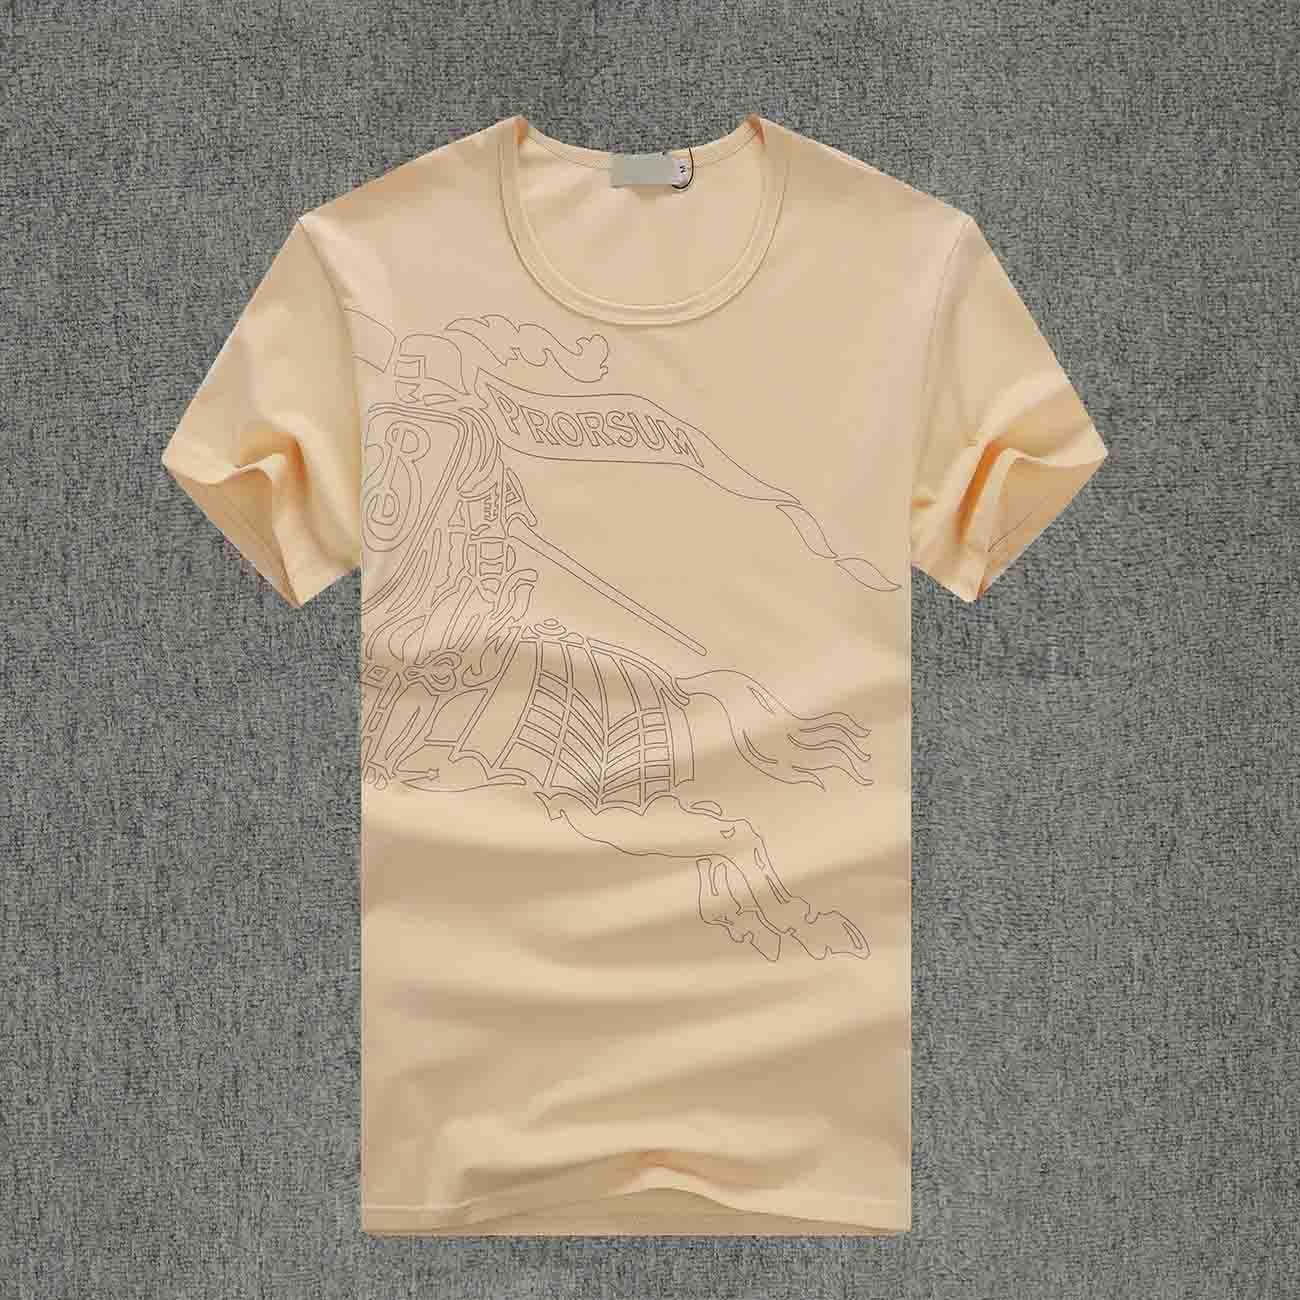 Erkekler için 20s Yaz T Gömlek Kaplan Baş Harf Nakış Tişörtlü Erkek Giyim Kısa Kollu Tişört Kadın M-3XL Tops